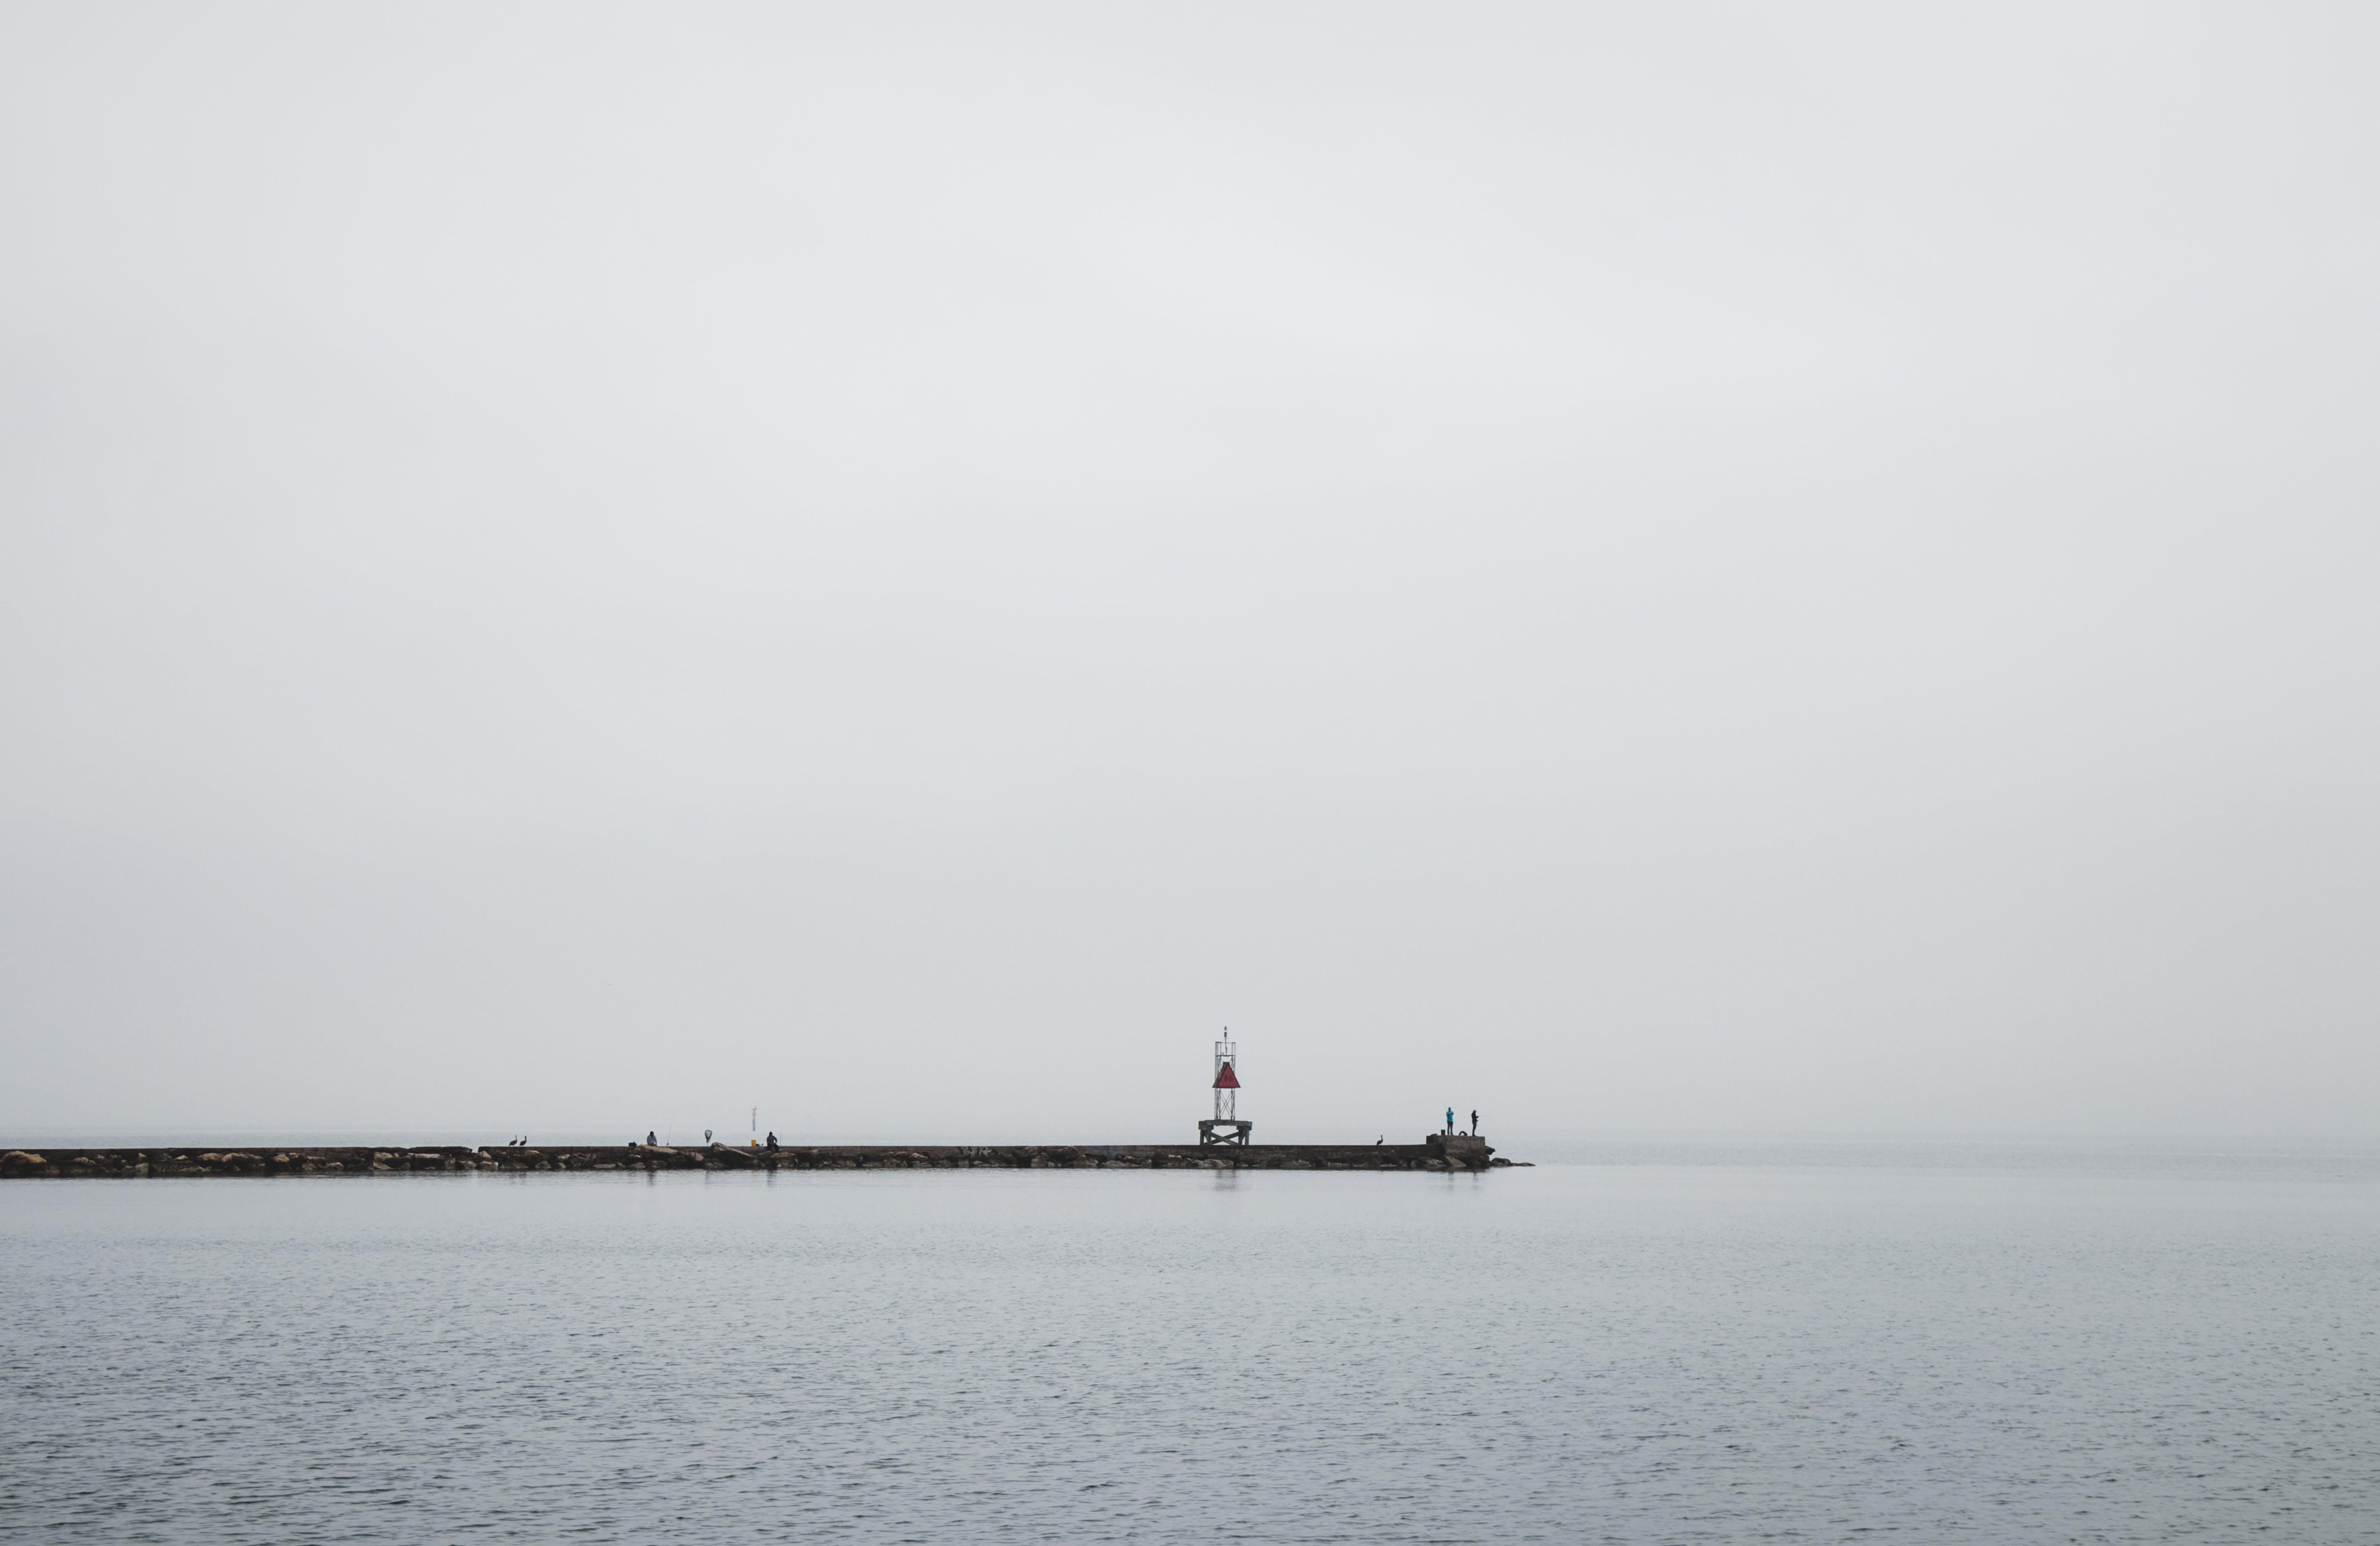 平和的, 水, 海, 海岸の無料の写真素材